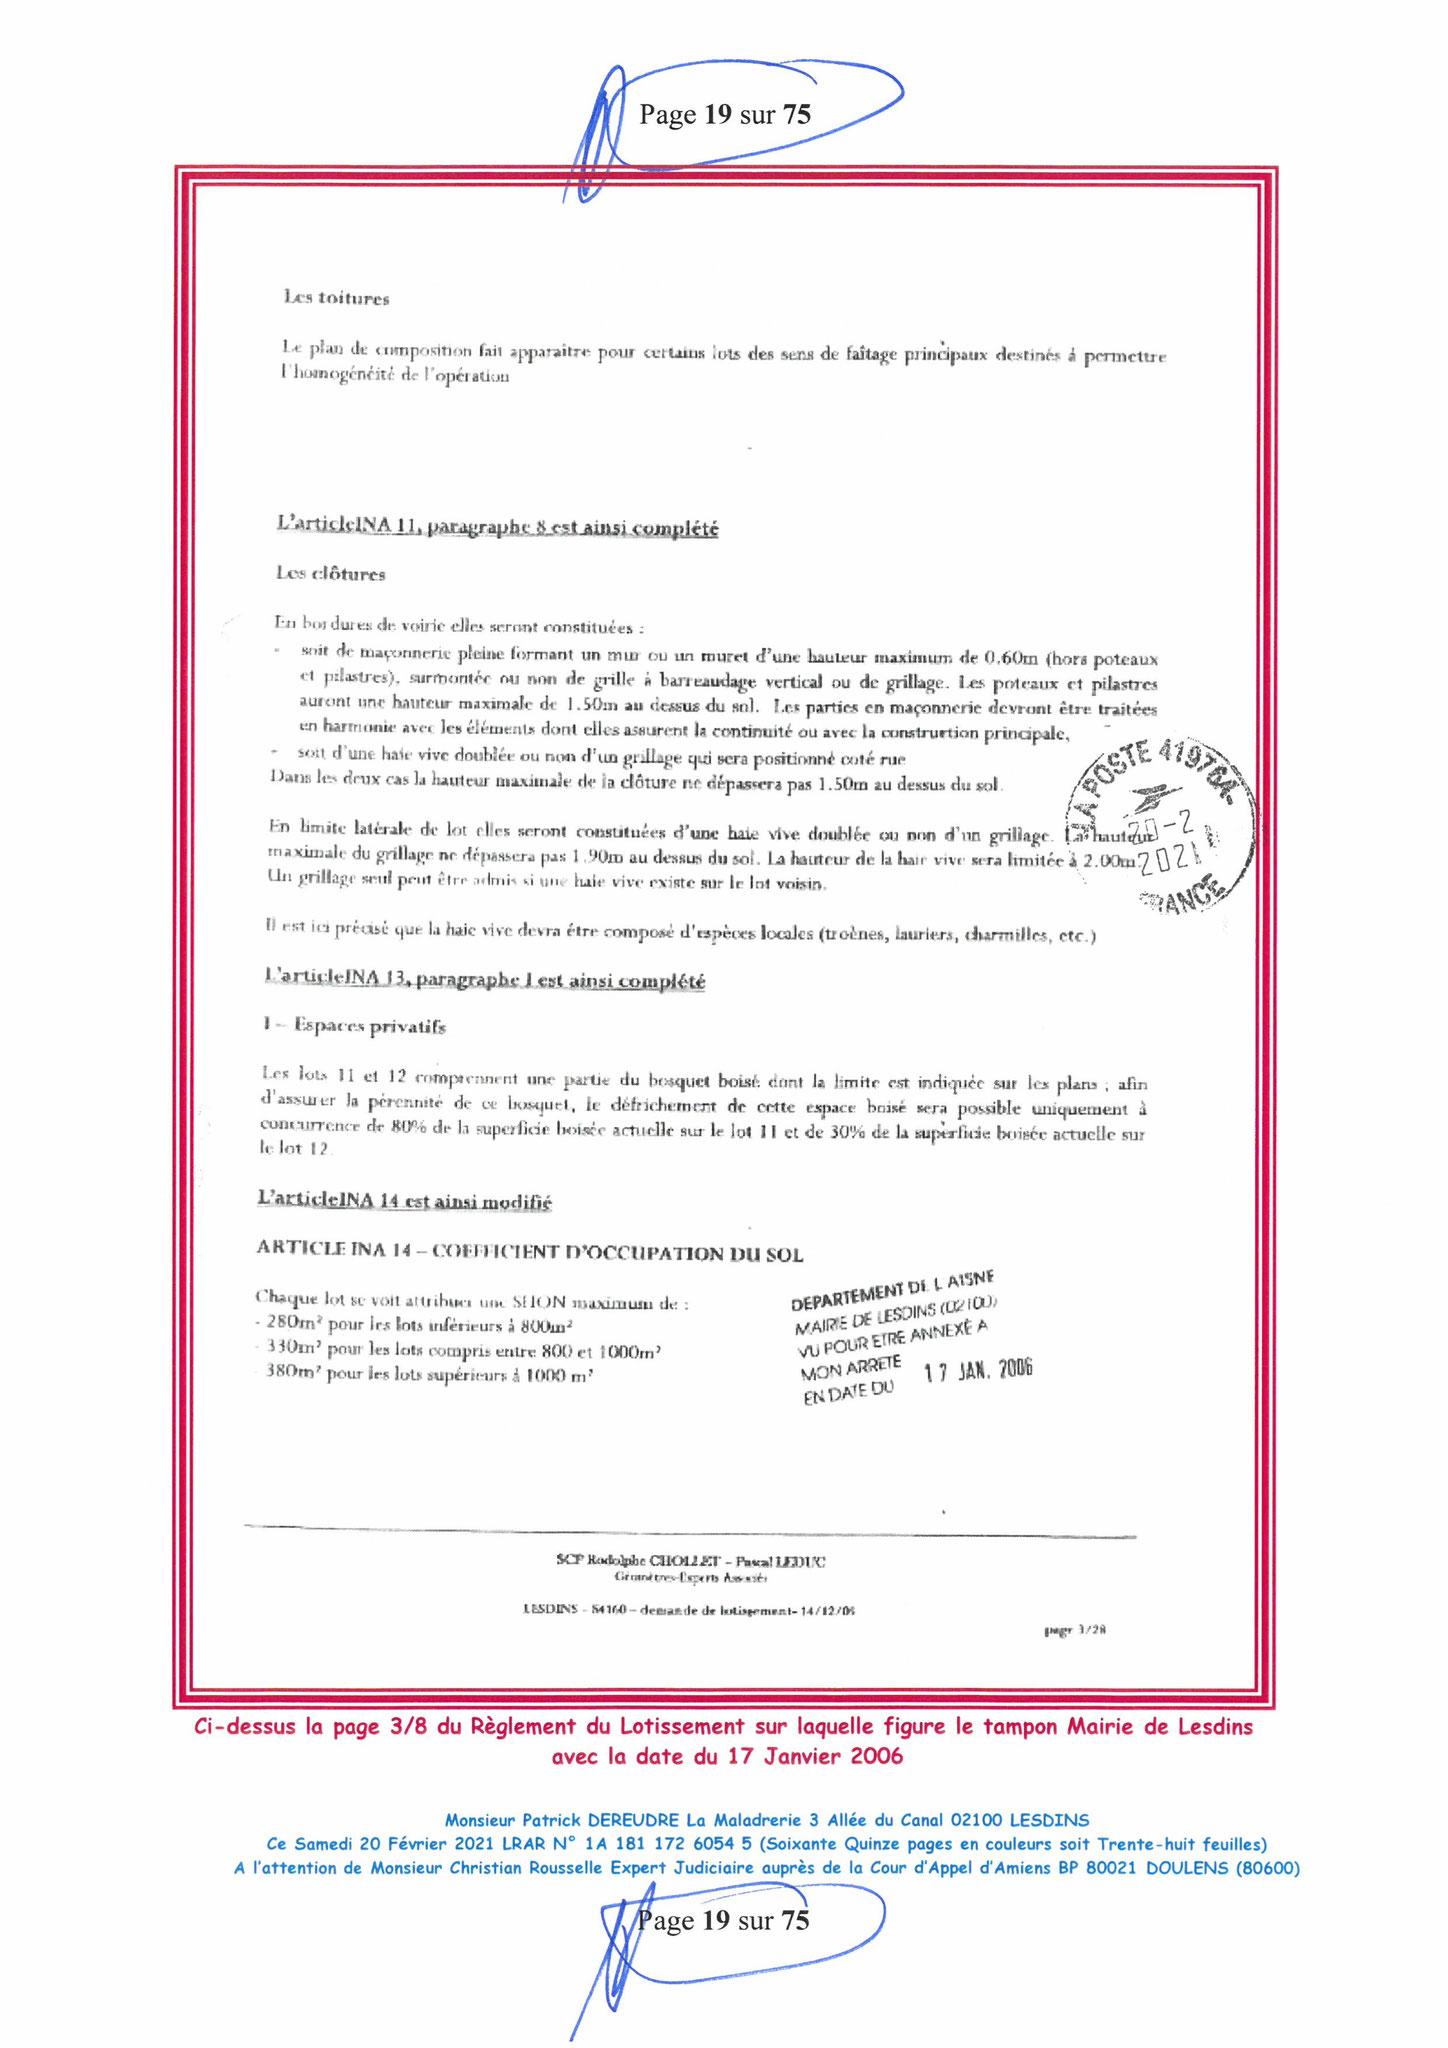 Page 19 Ma  Lettre Recommandée à Monsieur Christian ROUSSELLE Expert Judiciaire auprès de la Cour d'Appel d'Amiens Affaire MES CHERS VOISINS nos  www.jenesuispasunchien.fr www.jesuisvictime.fr www.jesuispatrick.fr PARJURE & CORRUPTION JUSTICE REPUBLIQUE